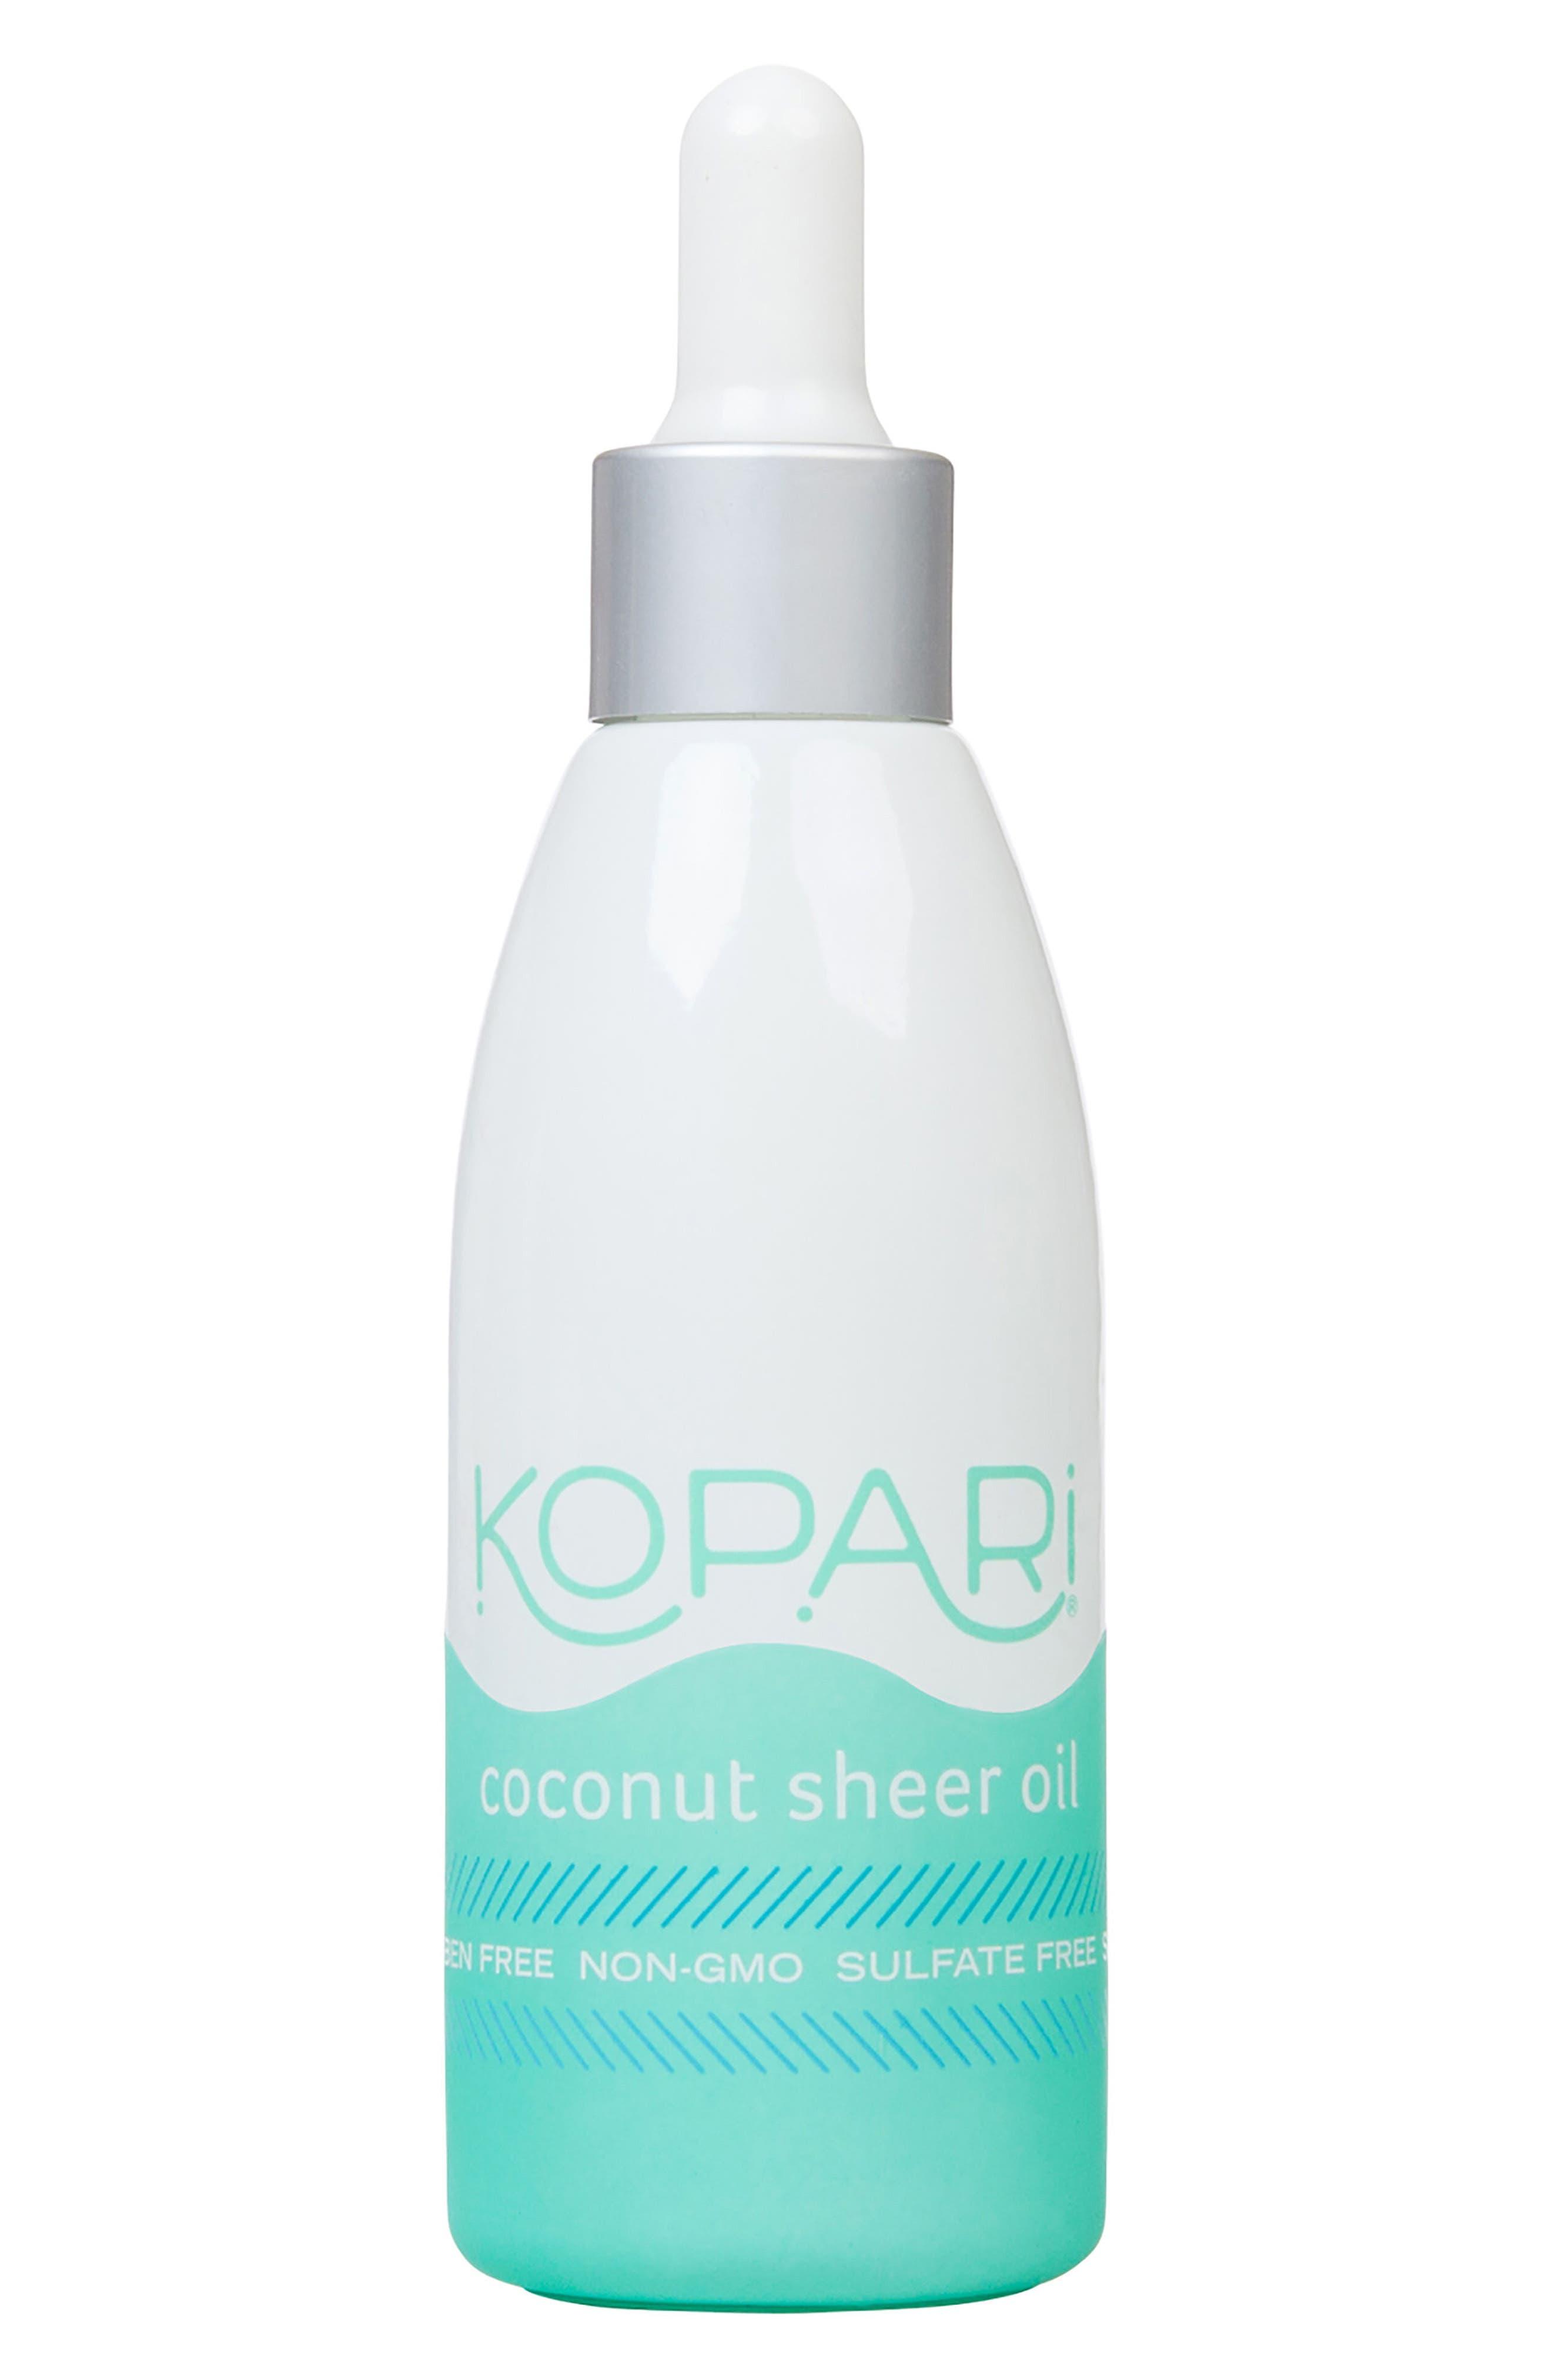 Alternate Image 1 Selected - Kopari Coconut Sheer Oil